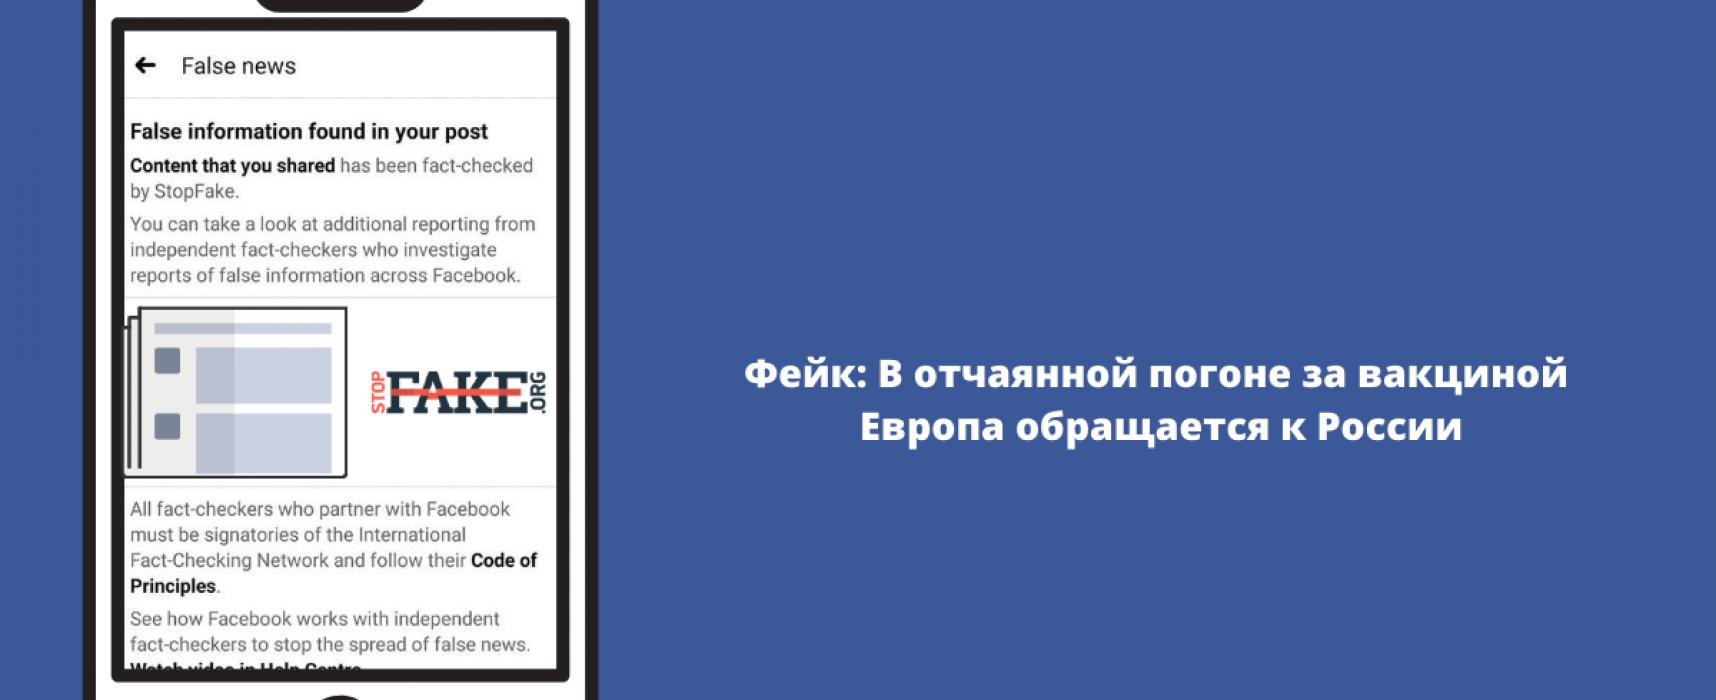 Фейк: В отчаянной погоне за вакциной Европа обращается к России